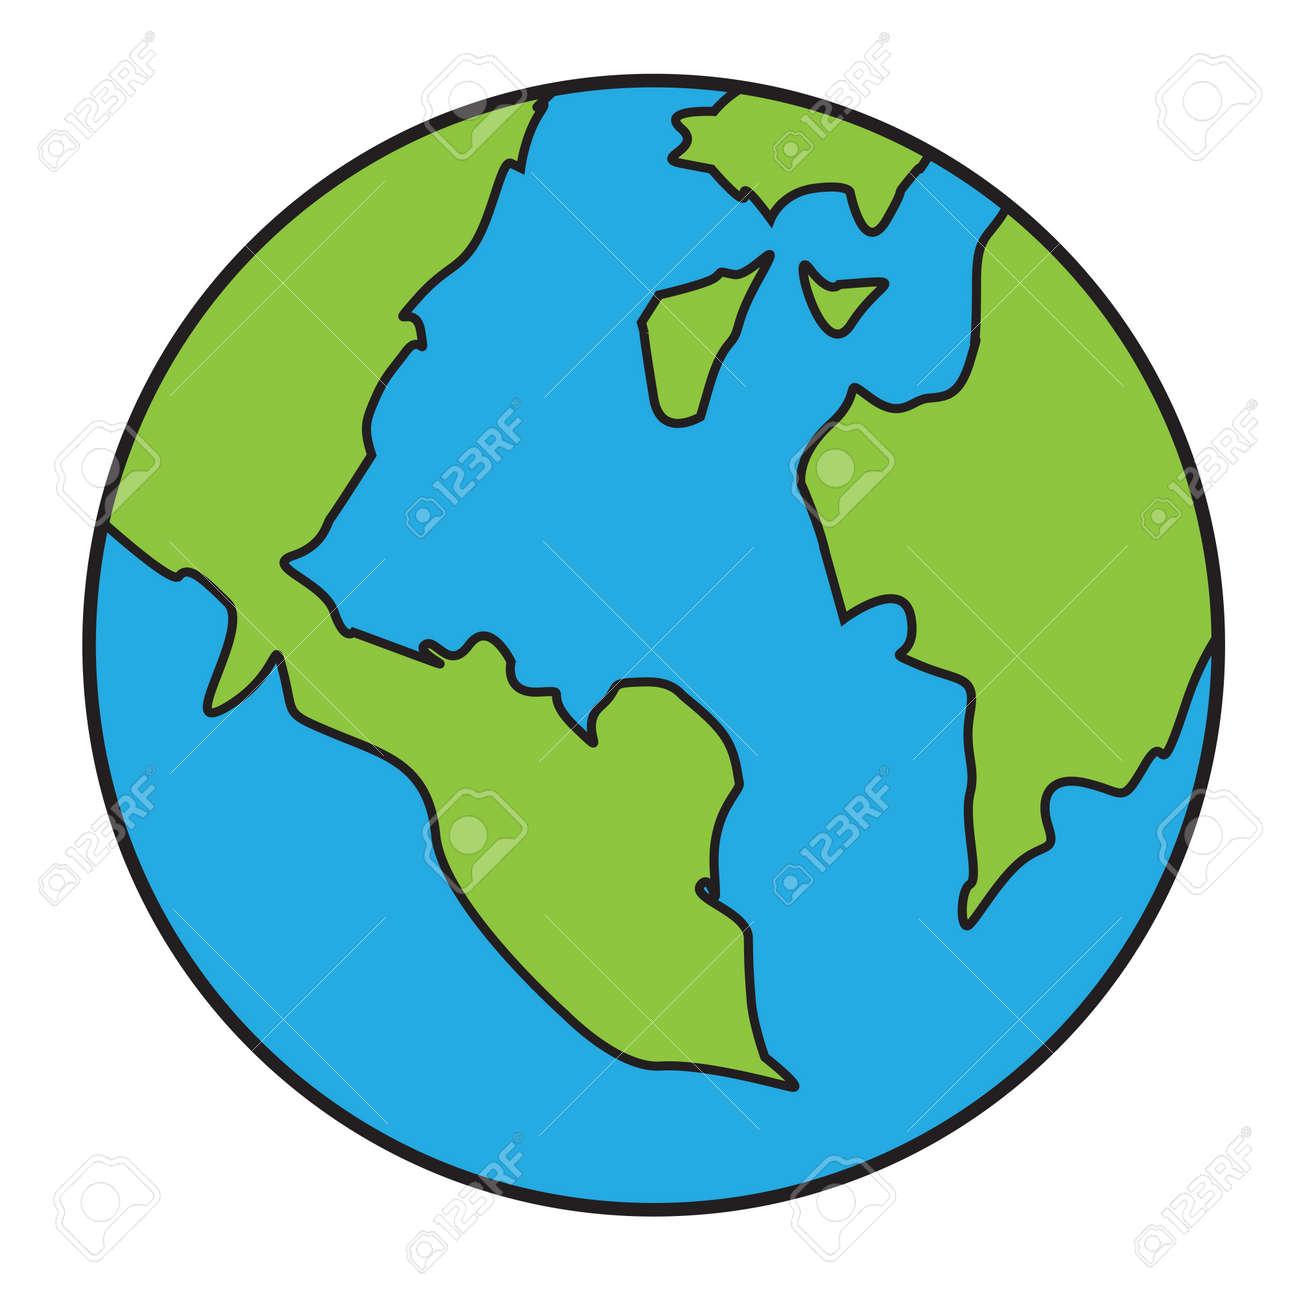 Ilustración Del Vector Del Planeta Tierra Aislado En Blanco En El Estilo De Dibujos Animados